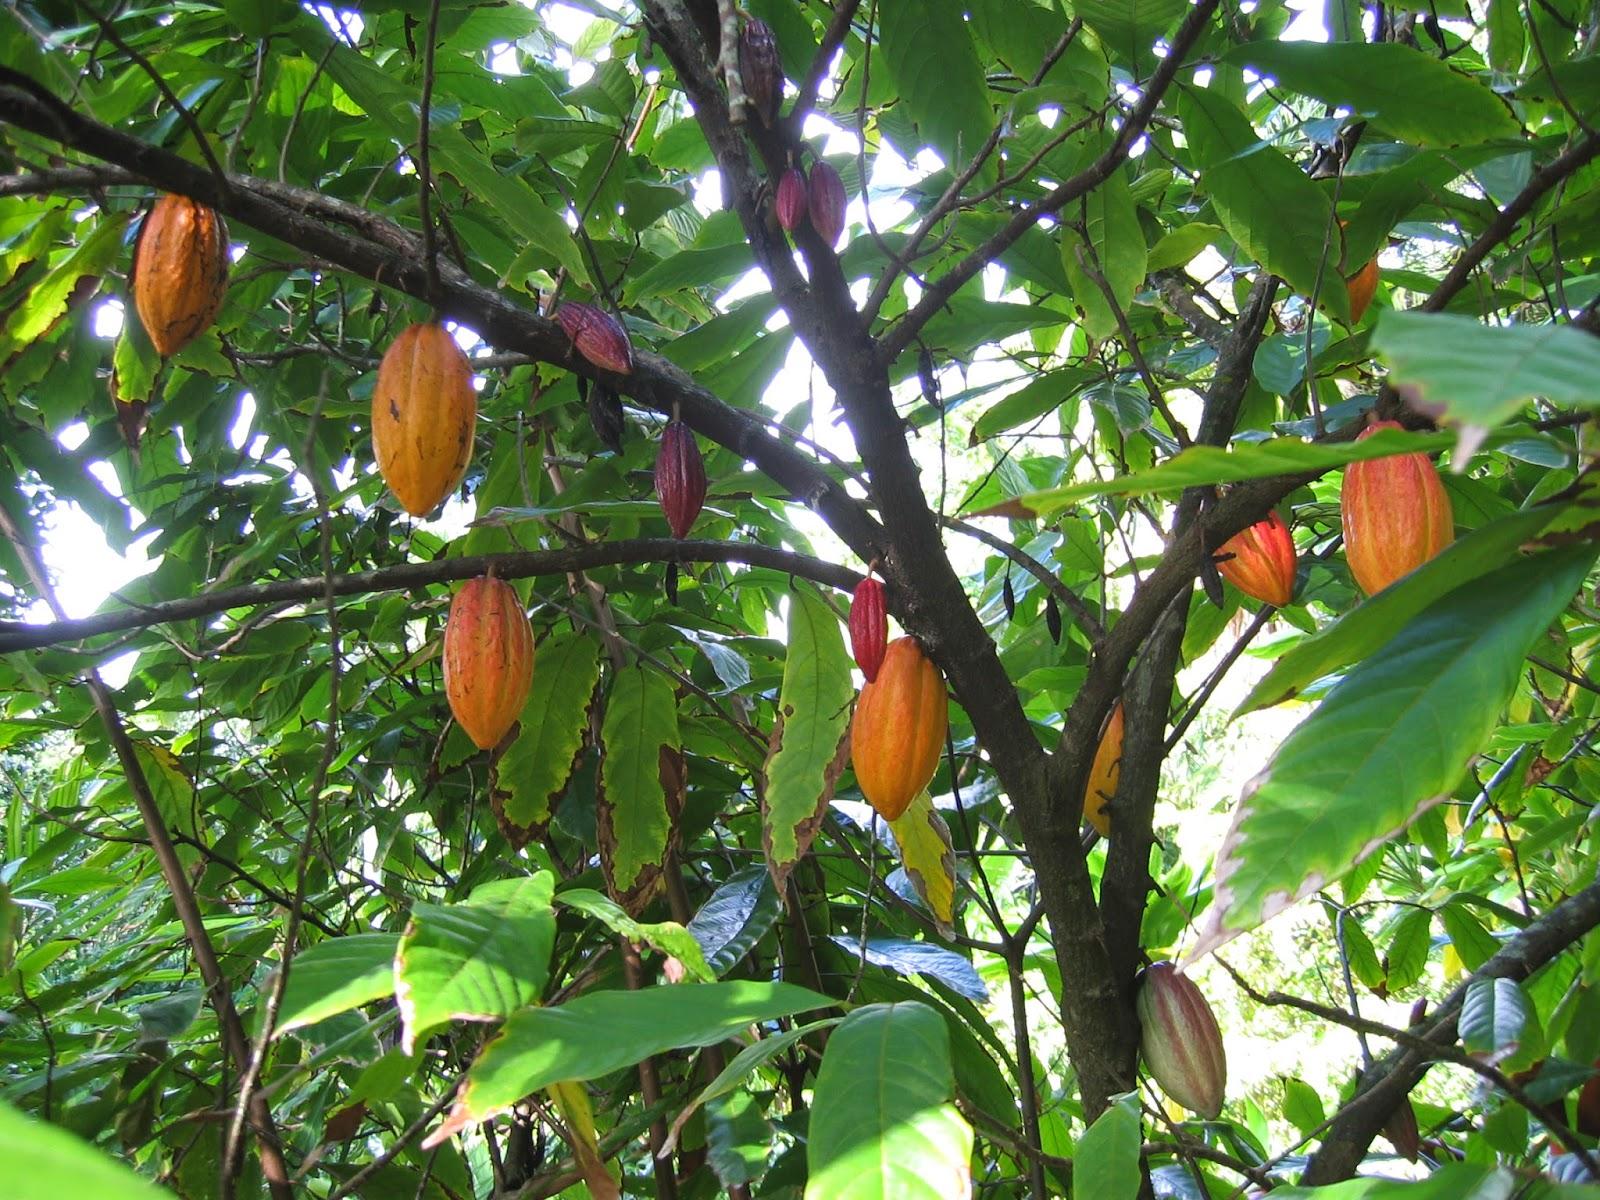 animales y plantas de per cacao theobroma cacao patrimonio natural de per. Black Bedroom Furniture Sets. Home Design Ideas